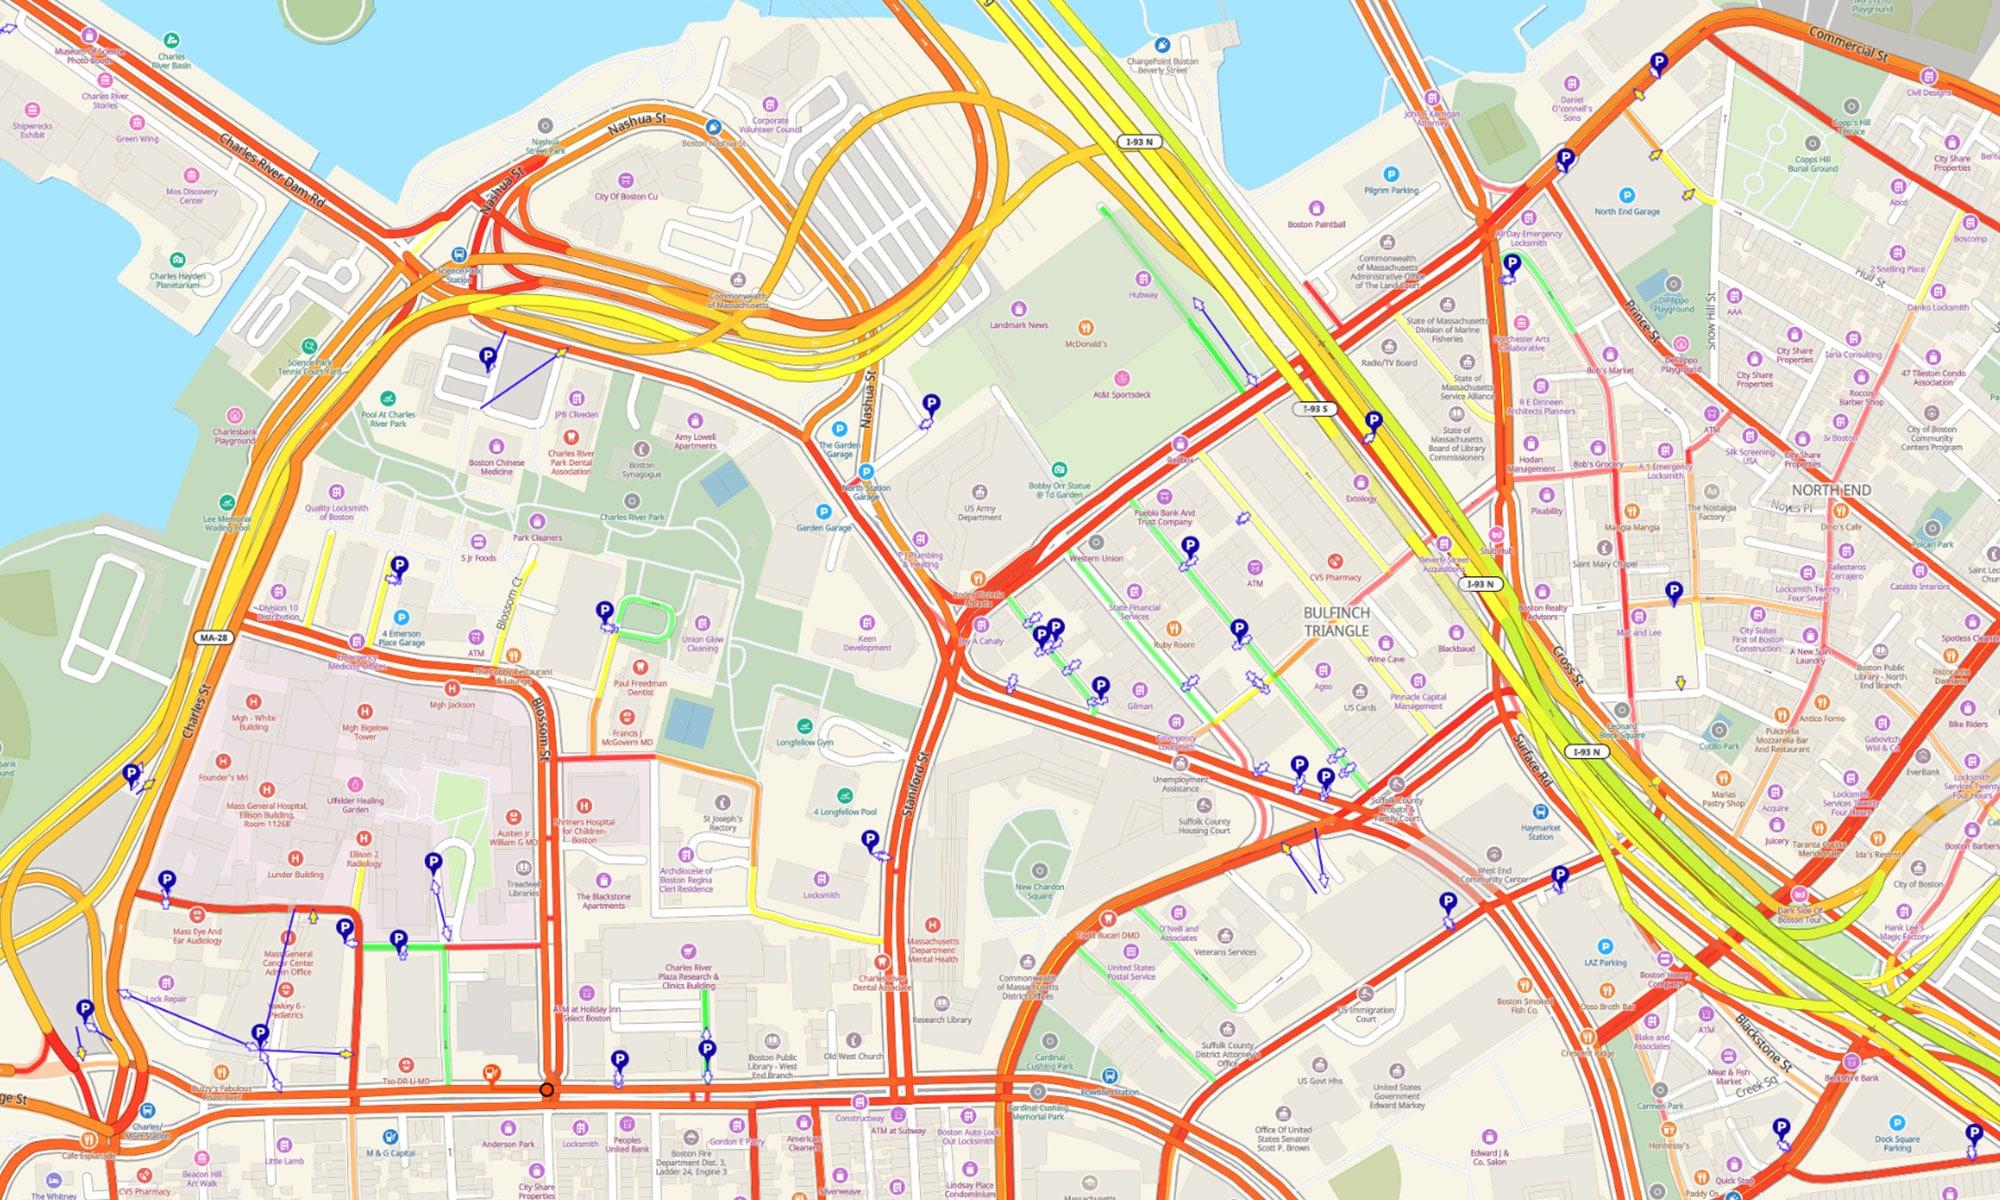 TomTom GIS location analytics